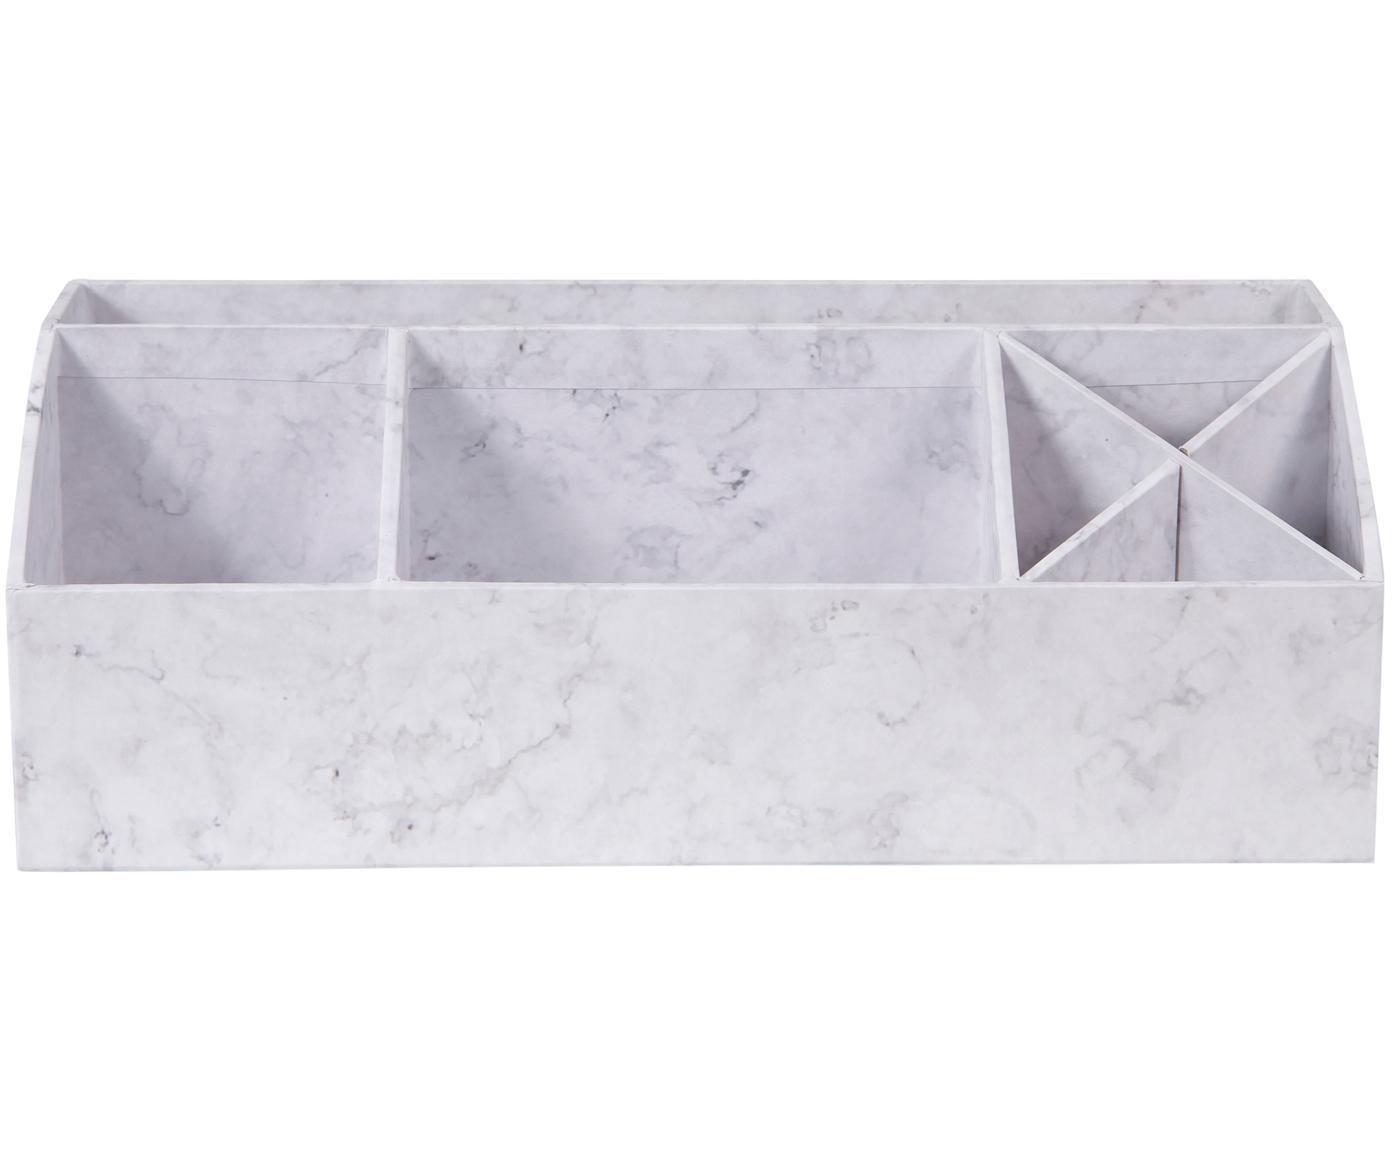 Organizer biurowy Elisa, Tektura laminowana, Biały, marmurowy, S 33 x W 13 cm